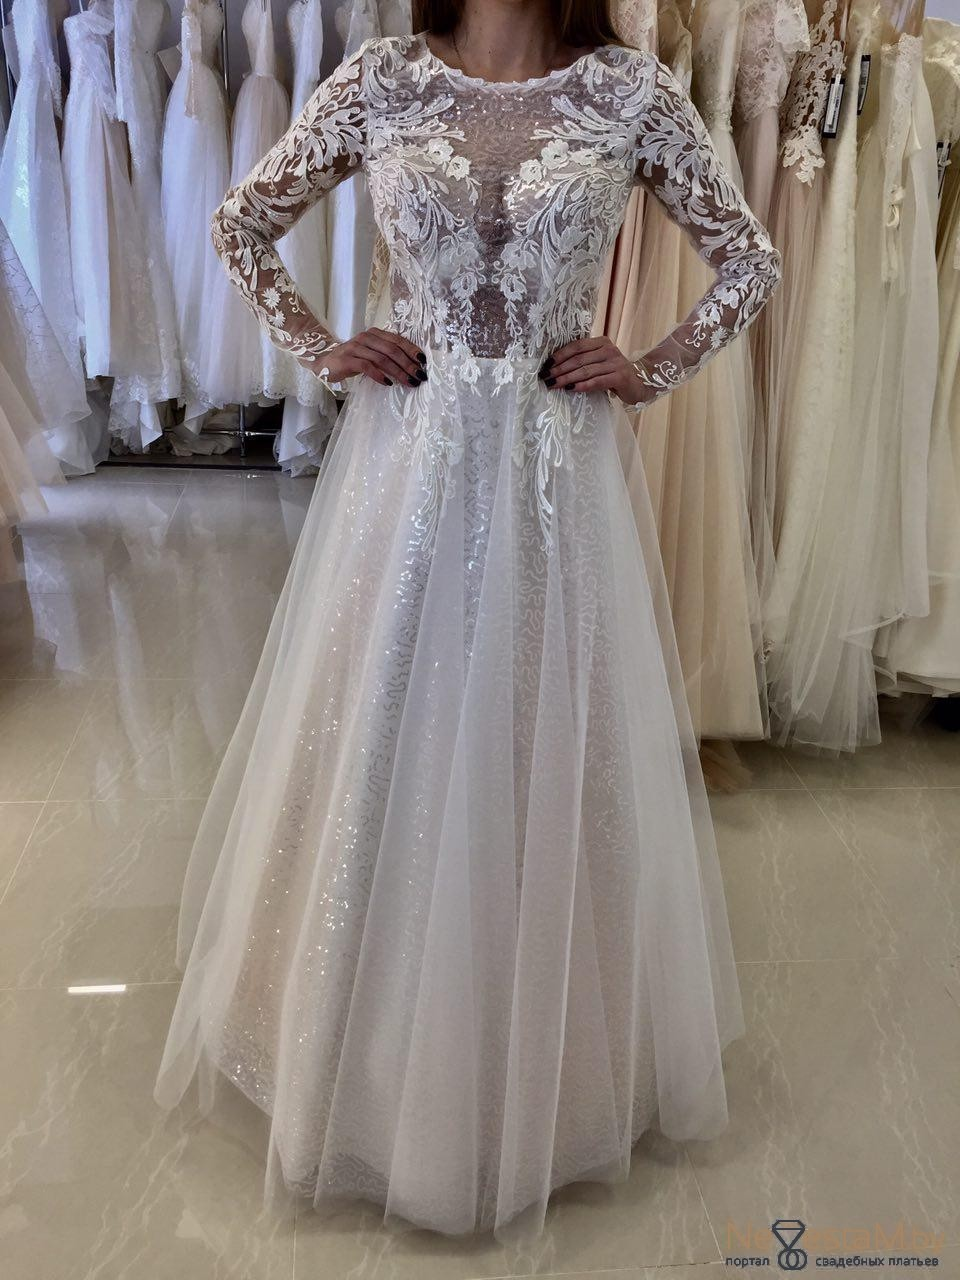 Свадебное платье Прямое с рукавами длинное кружевное 2018 №5579 ... ffb24f679cc